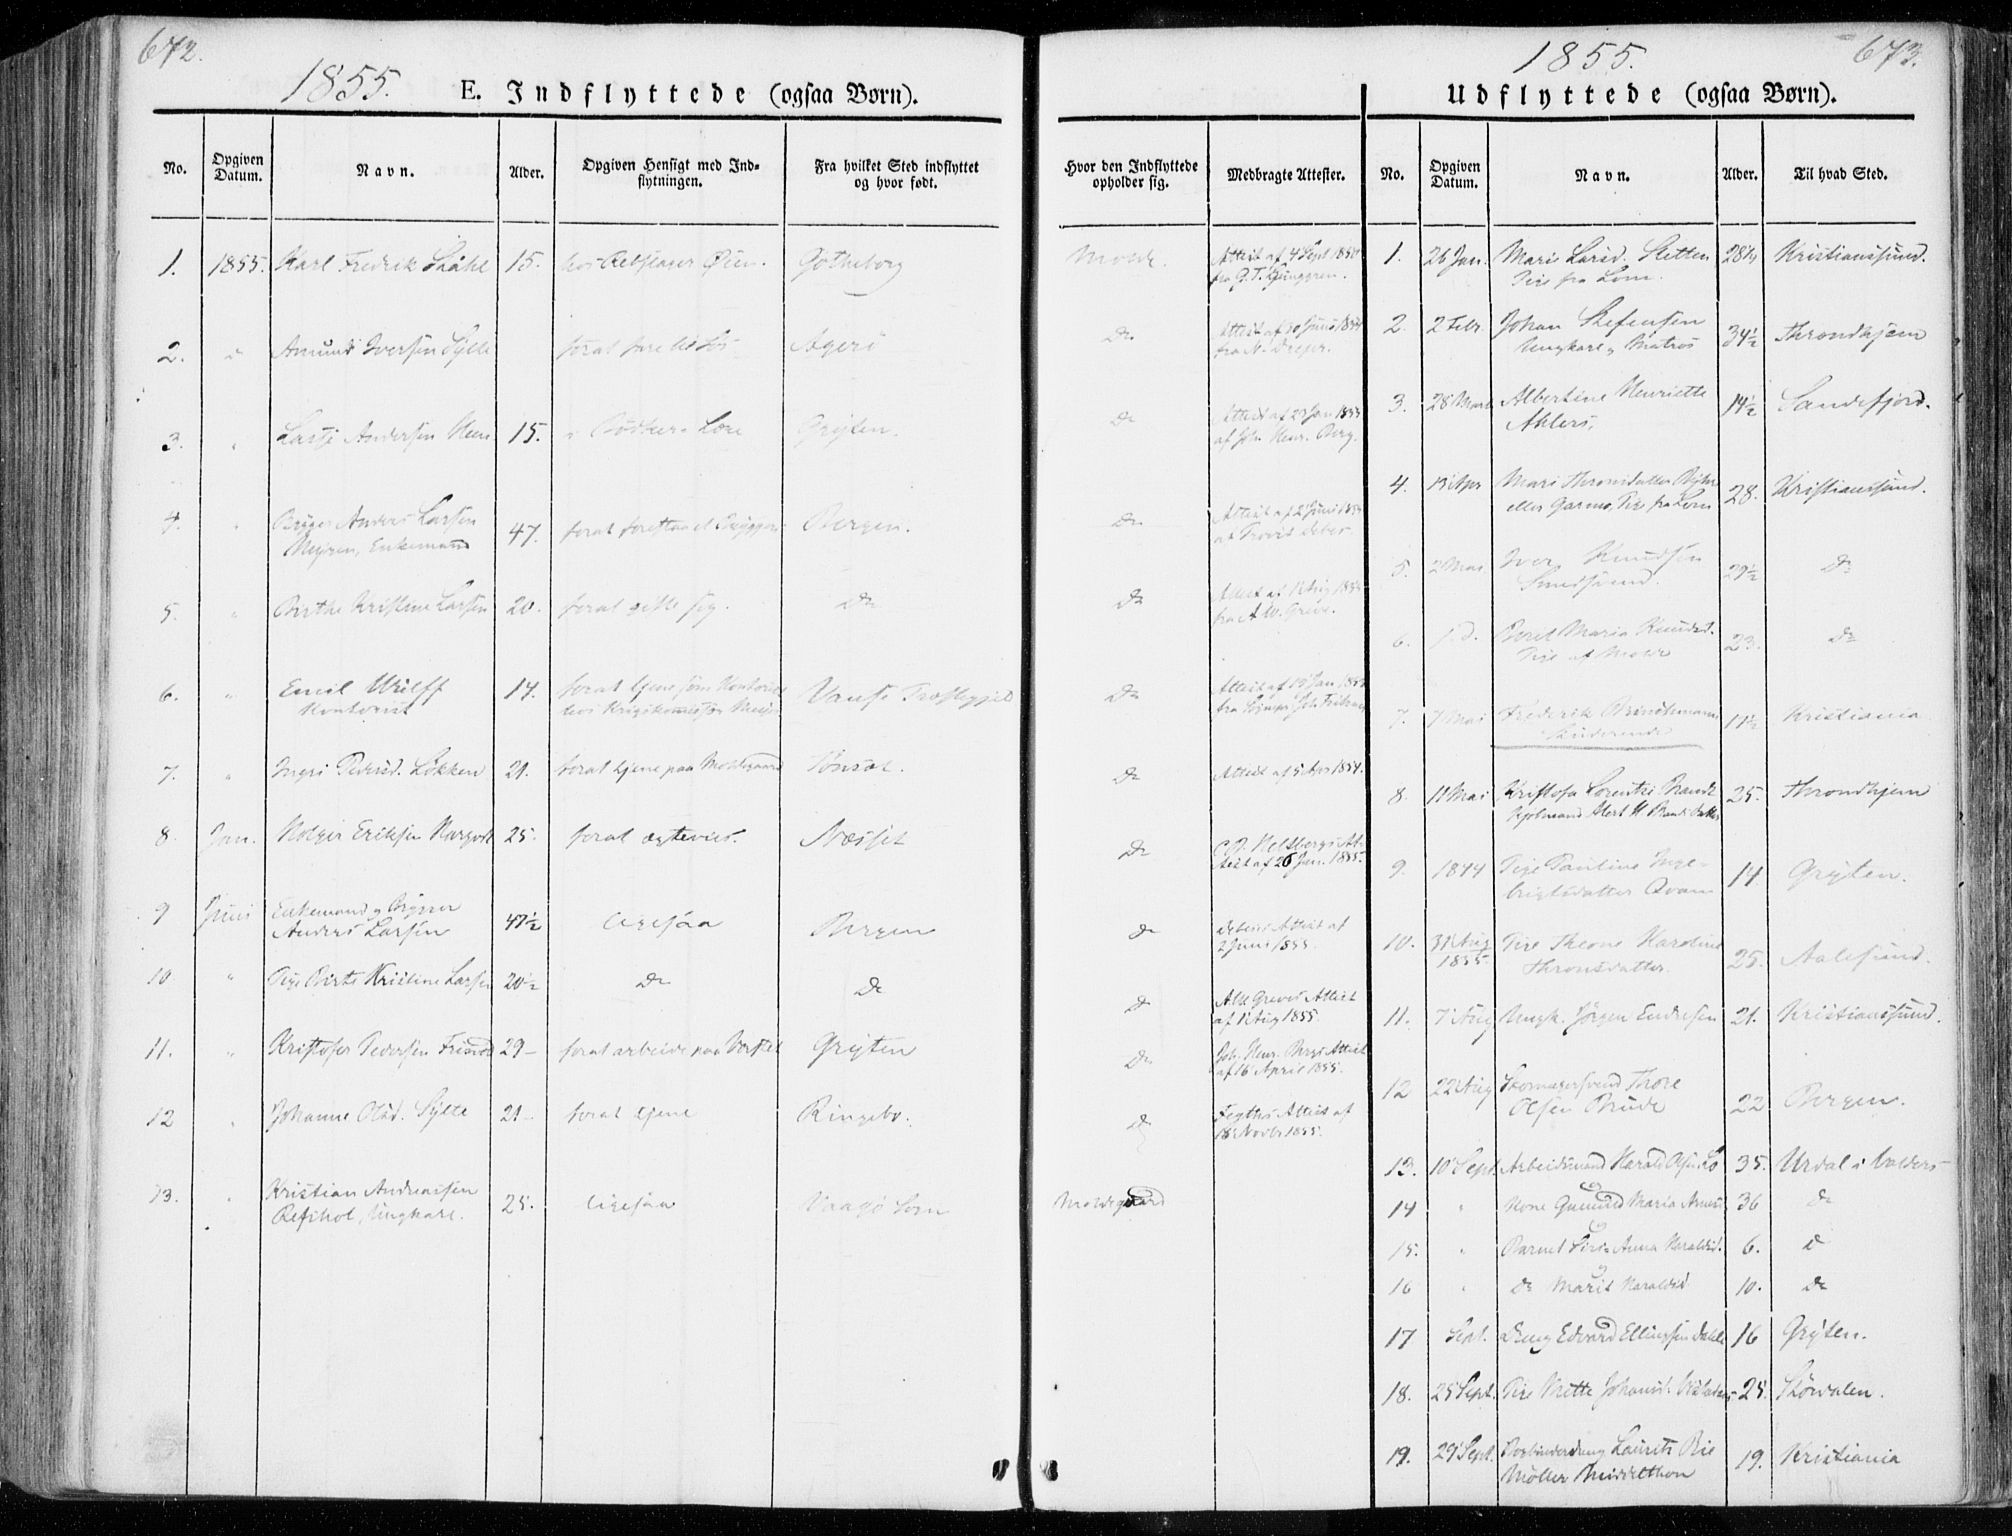 SAT, Ministerialprotokoller, klokkerbøker og fødselsregistre - Møre og Romsdal, 558/L0689: Ministerialbok nr. 558A03, 1843-1872, s. 672-673